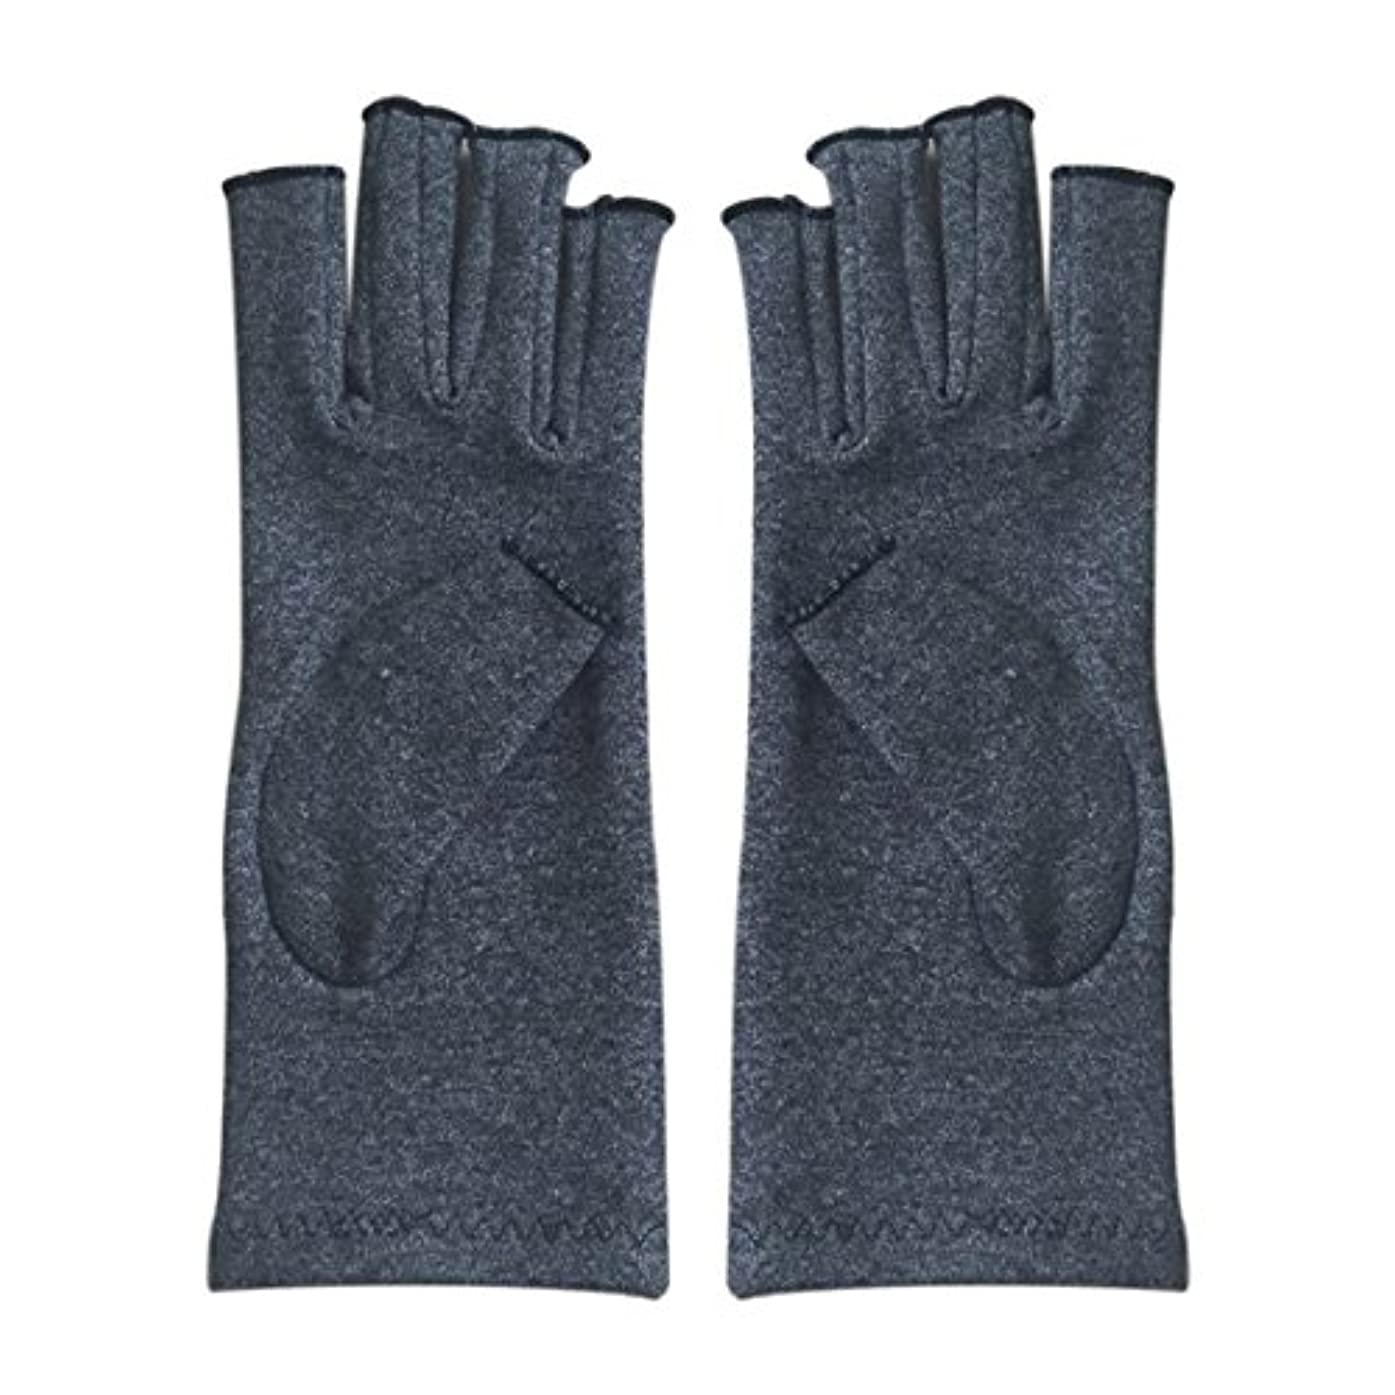 想起レイプ優れましたCUHAWUDBA 1ペア成人男性女性用弾性コットンコンプレッション手袋手関節炎関節痛鎮痛軽減S -灰色、S